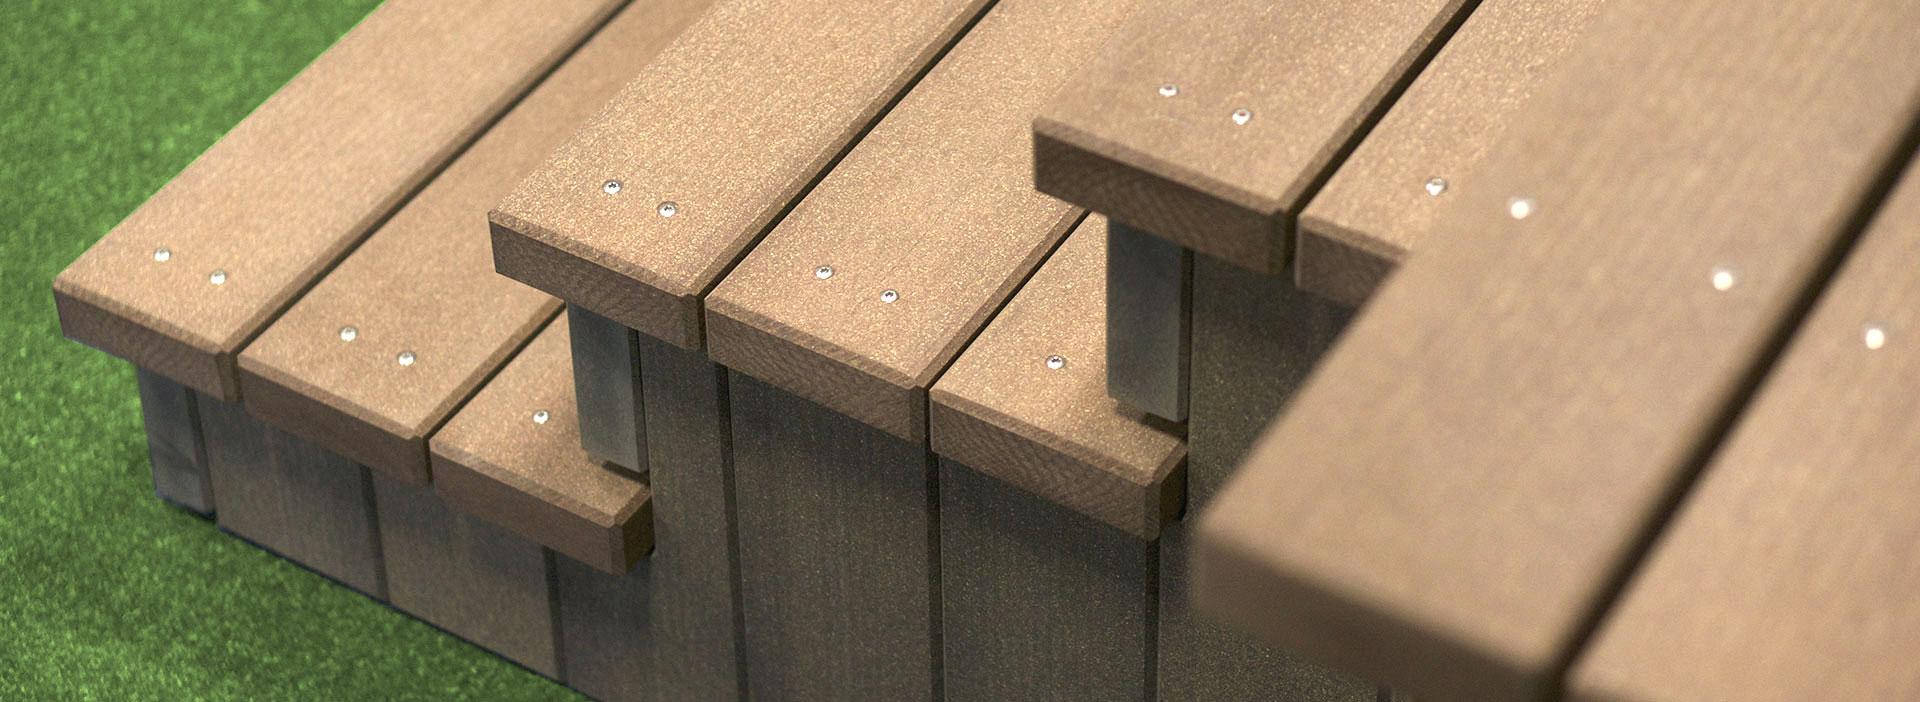 produktwelt - megawood terrassensystem, Moderne